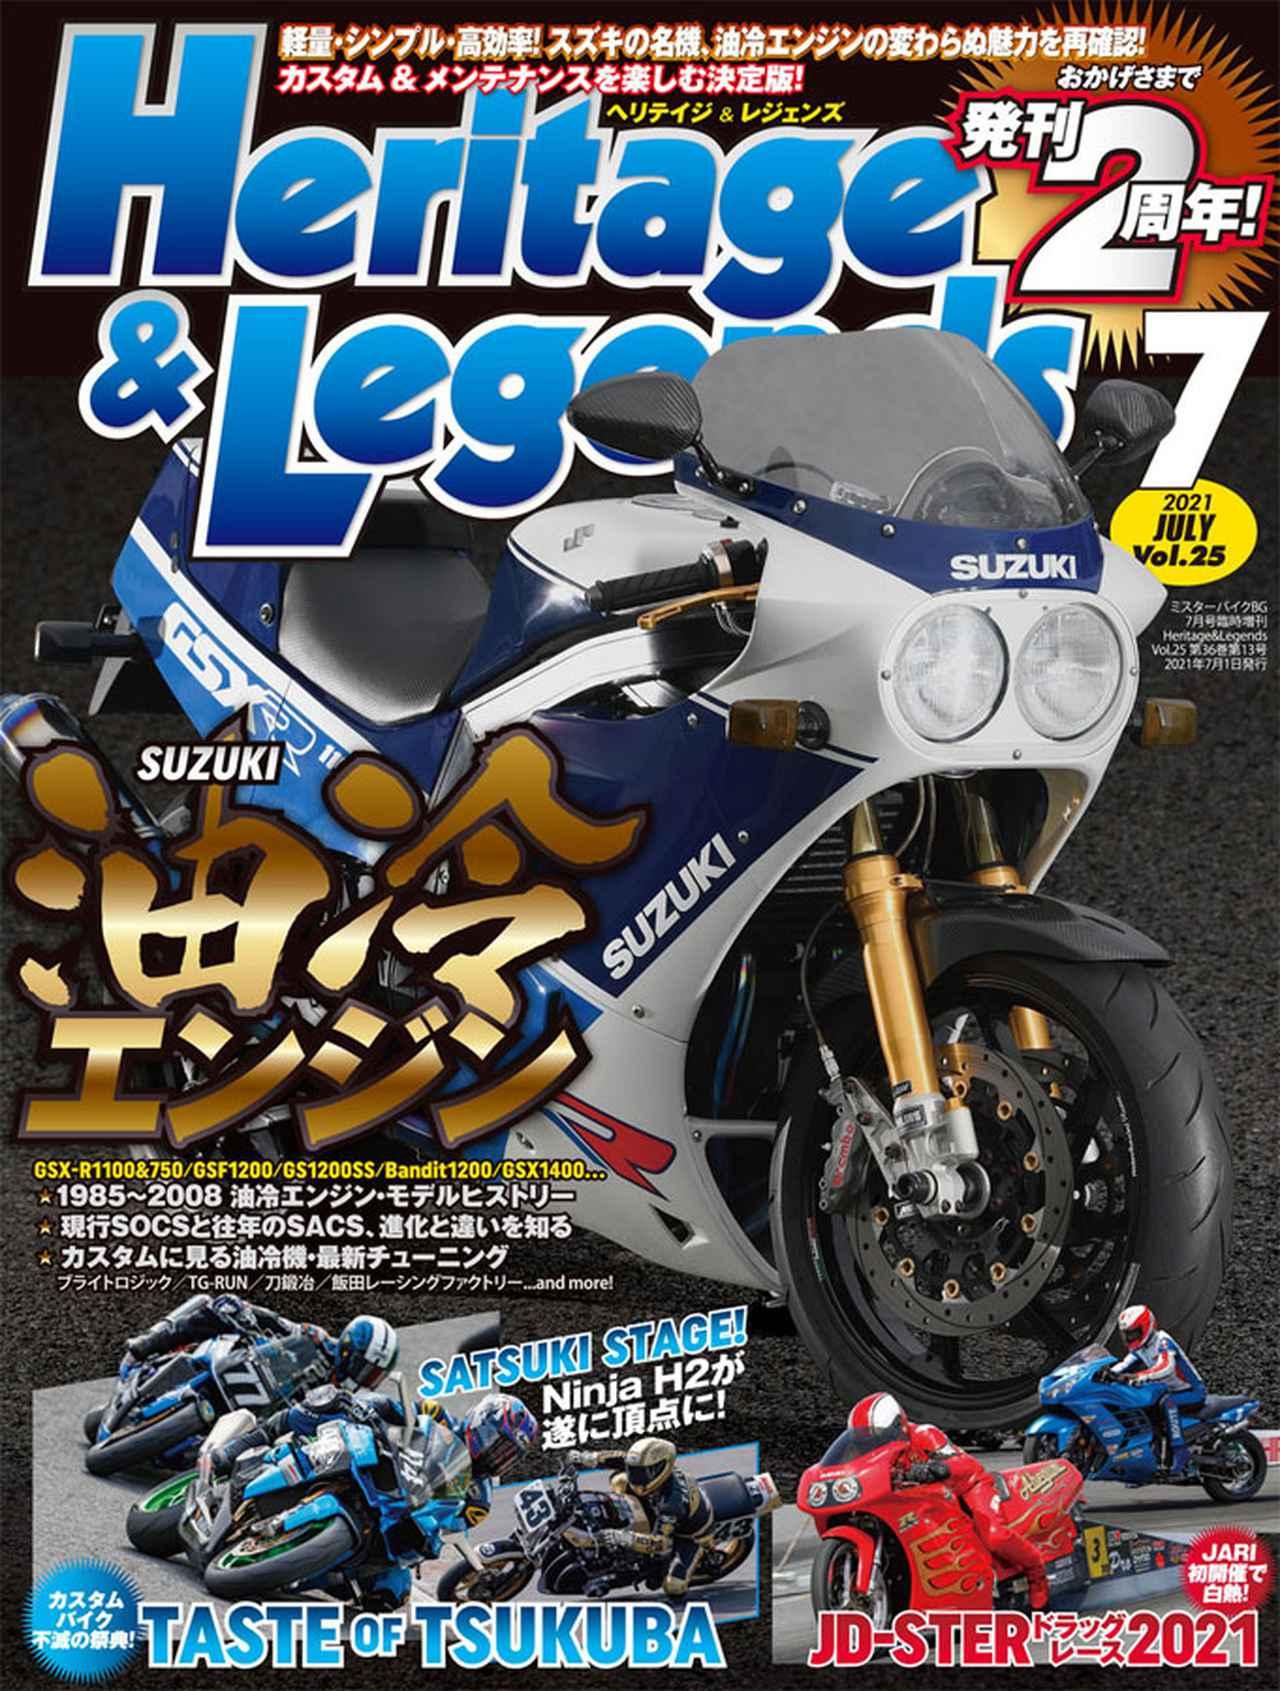 画像: 月刊『ヘリテイジ&レジェンズ』2021年7月号(Vol.25)好評発売中!  ヘリテイジ&レジェンズ Heritage& Legends